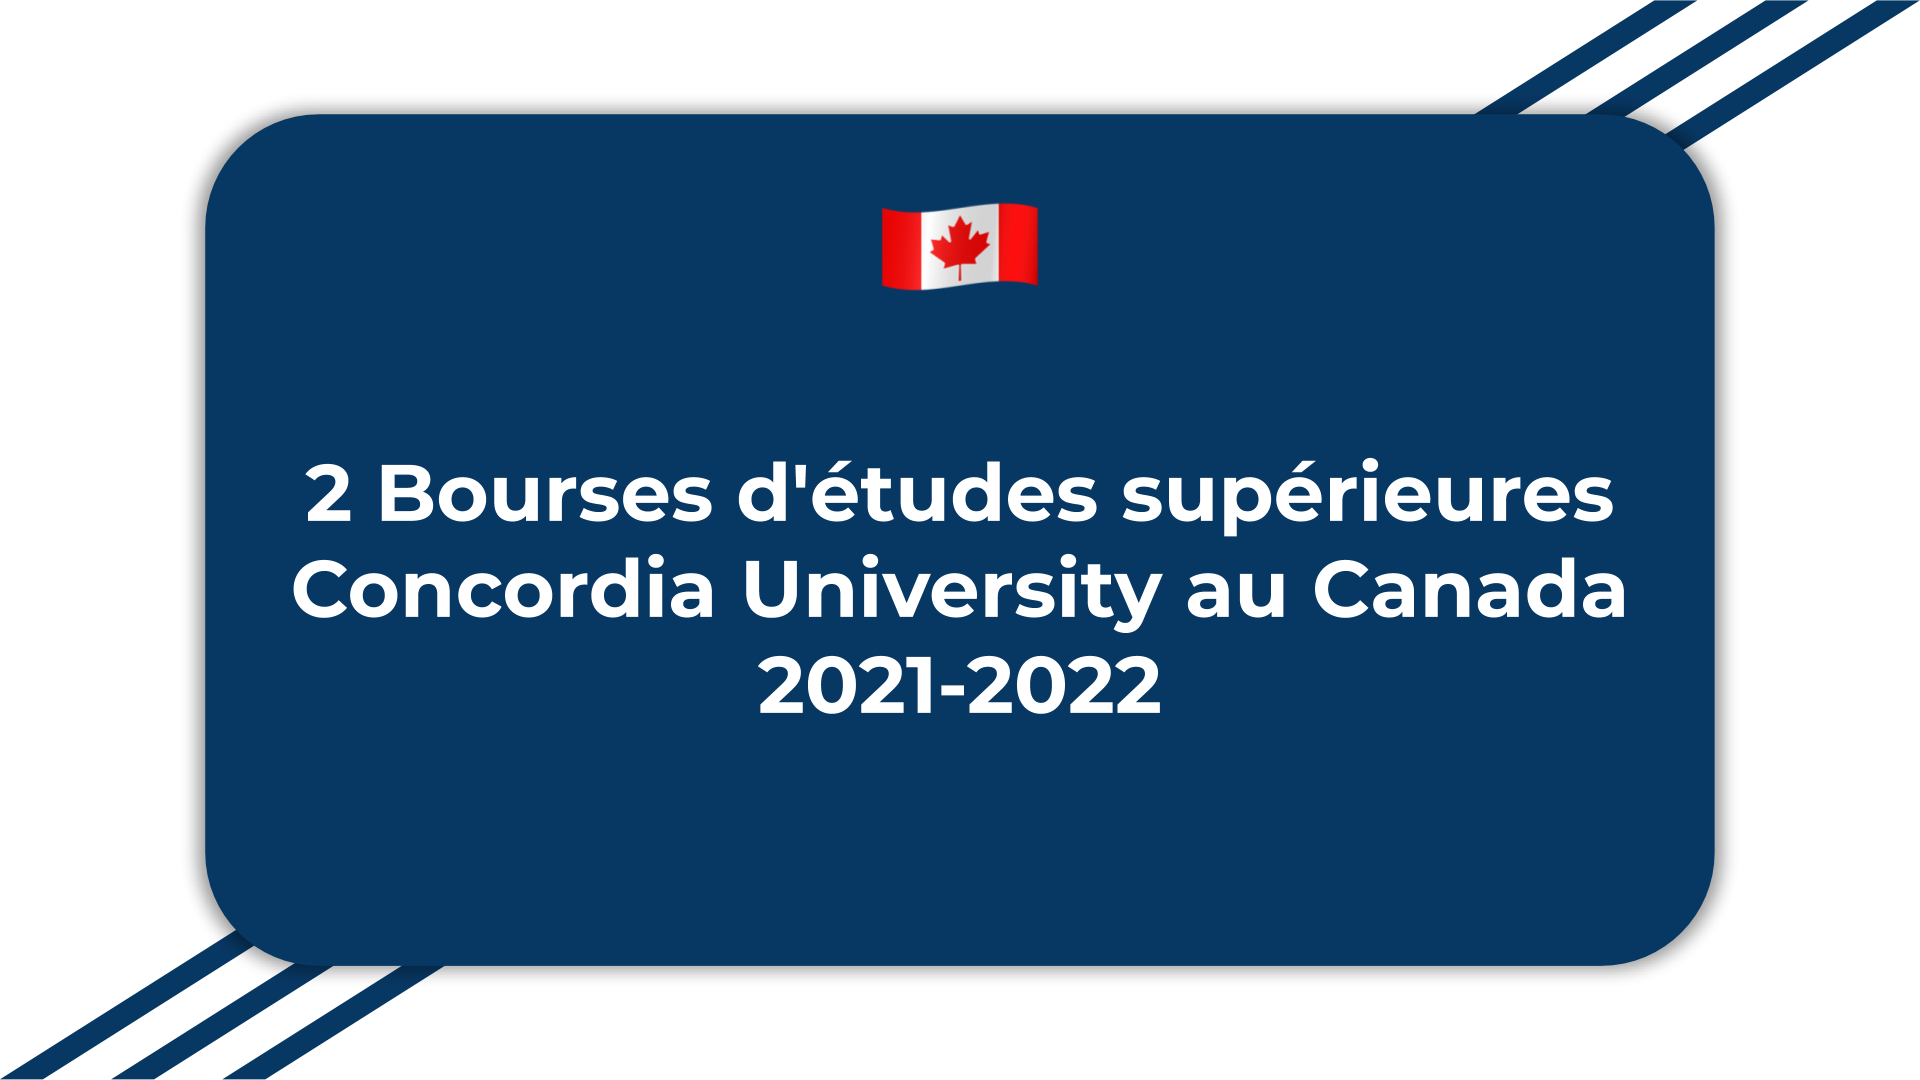 2 Bourses d'études supérieures Concordia University